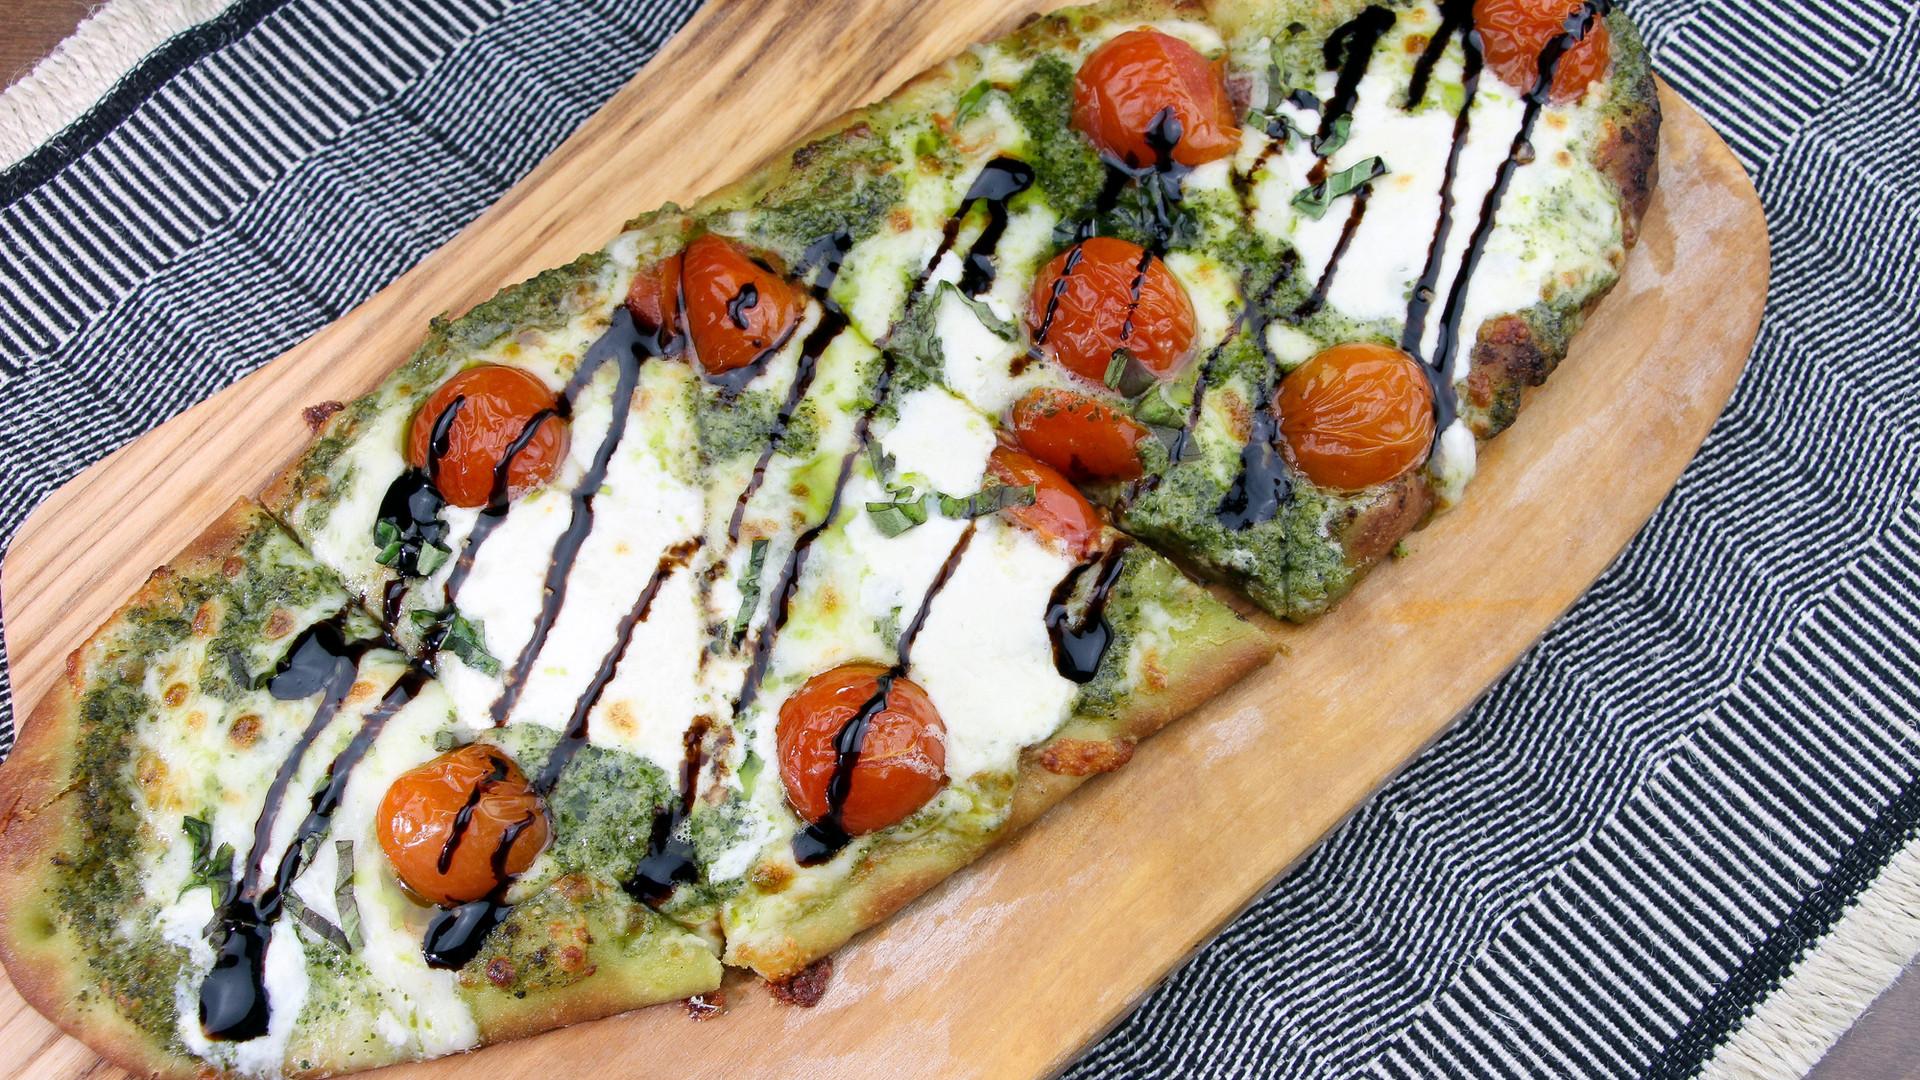 Burrata Pesto